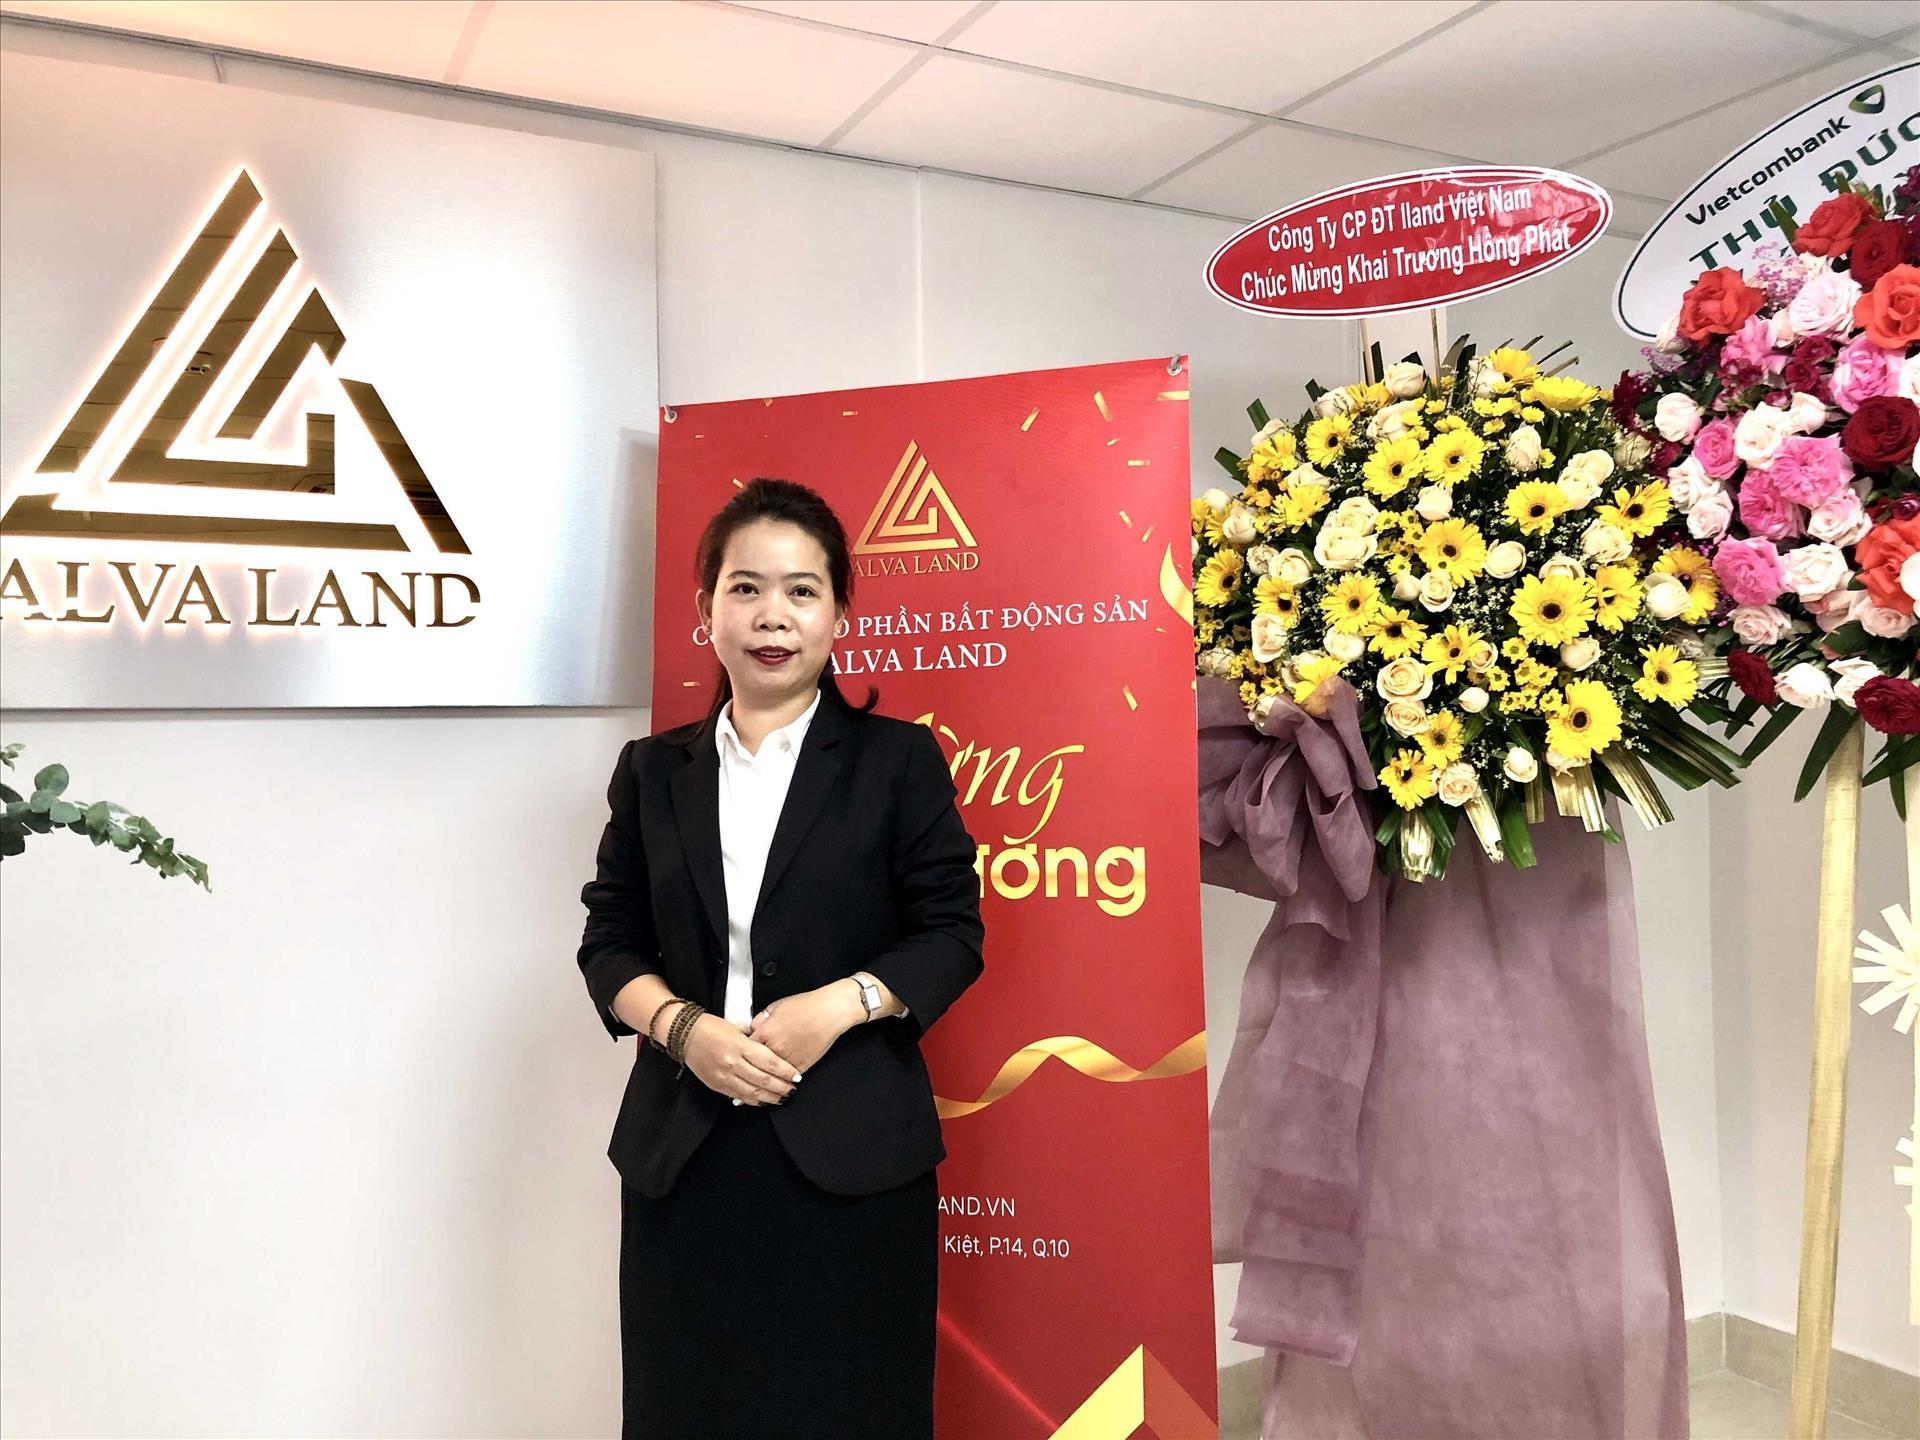 Phù Thị Thanh Thuỷ